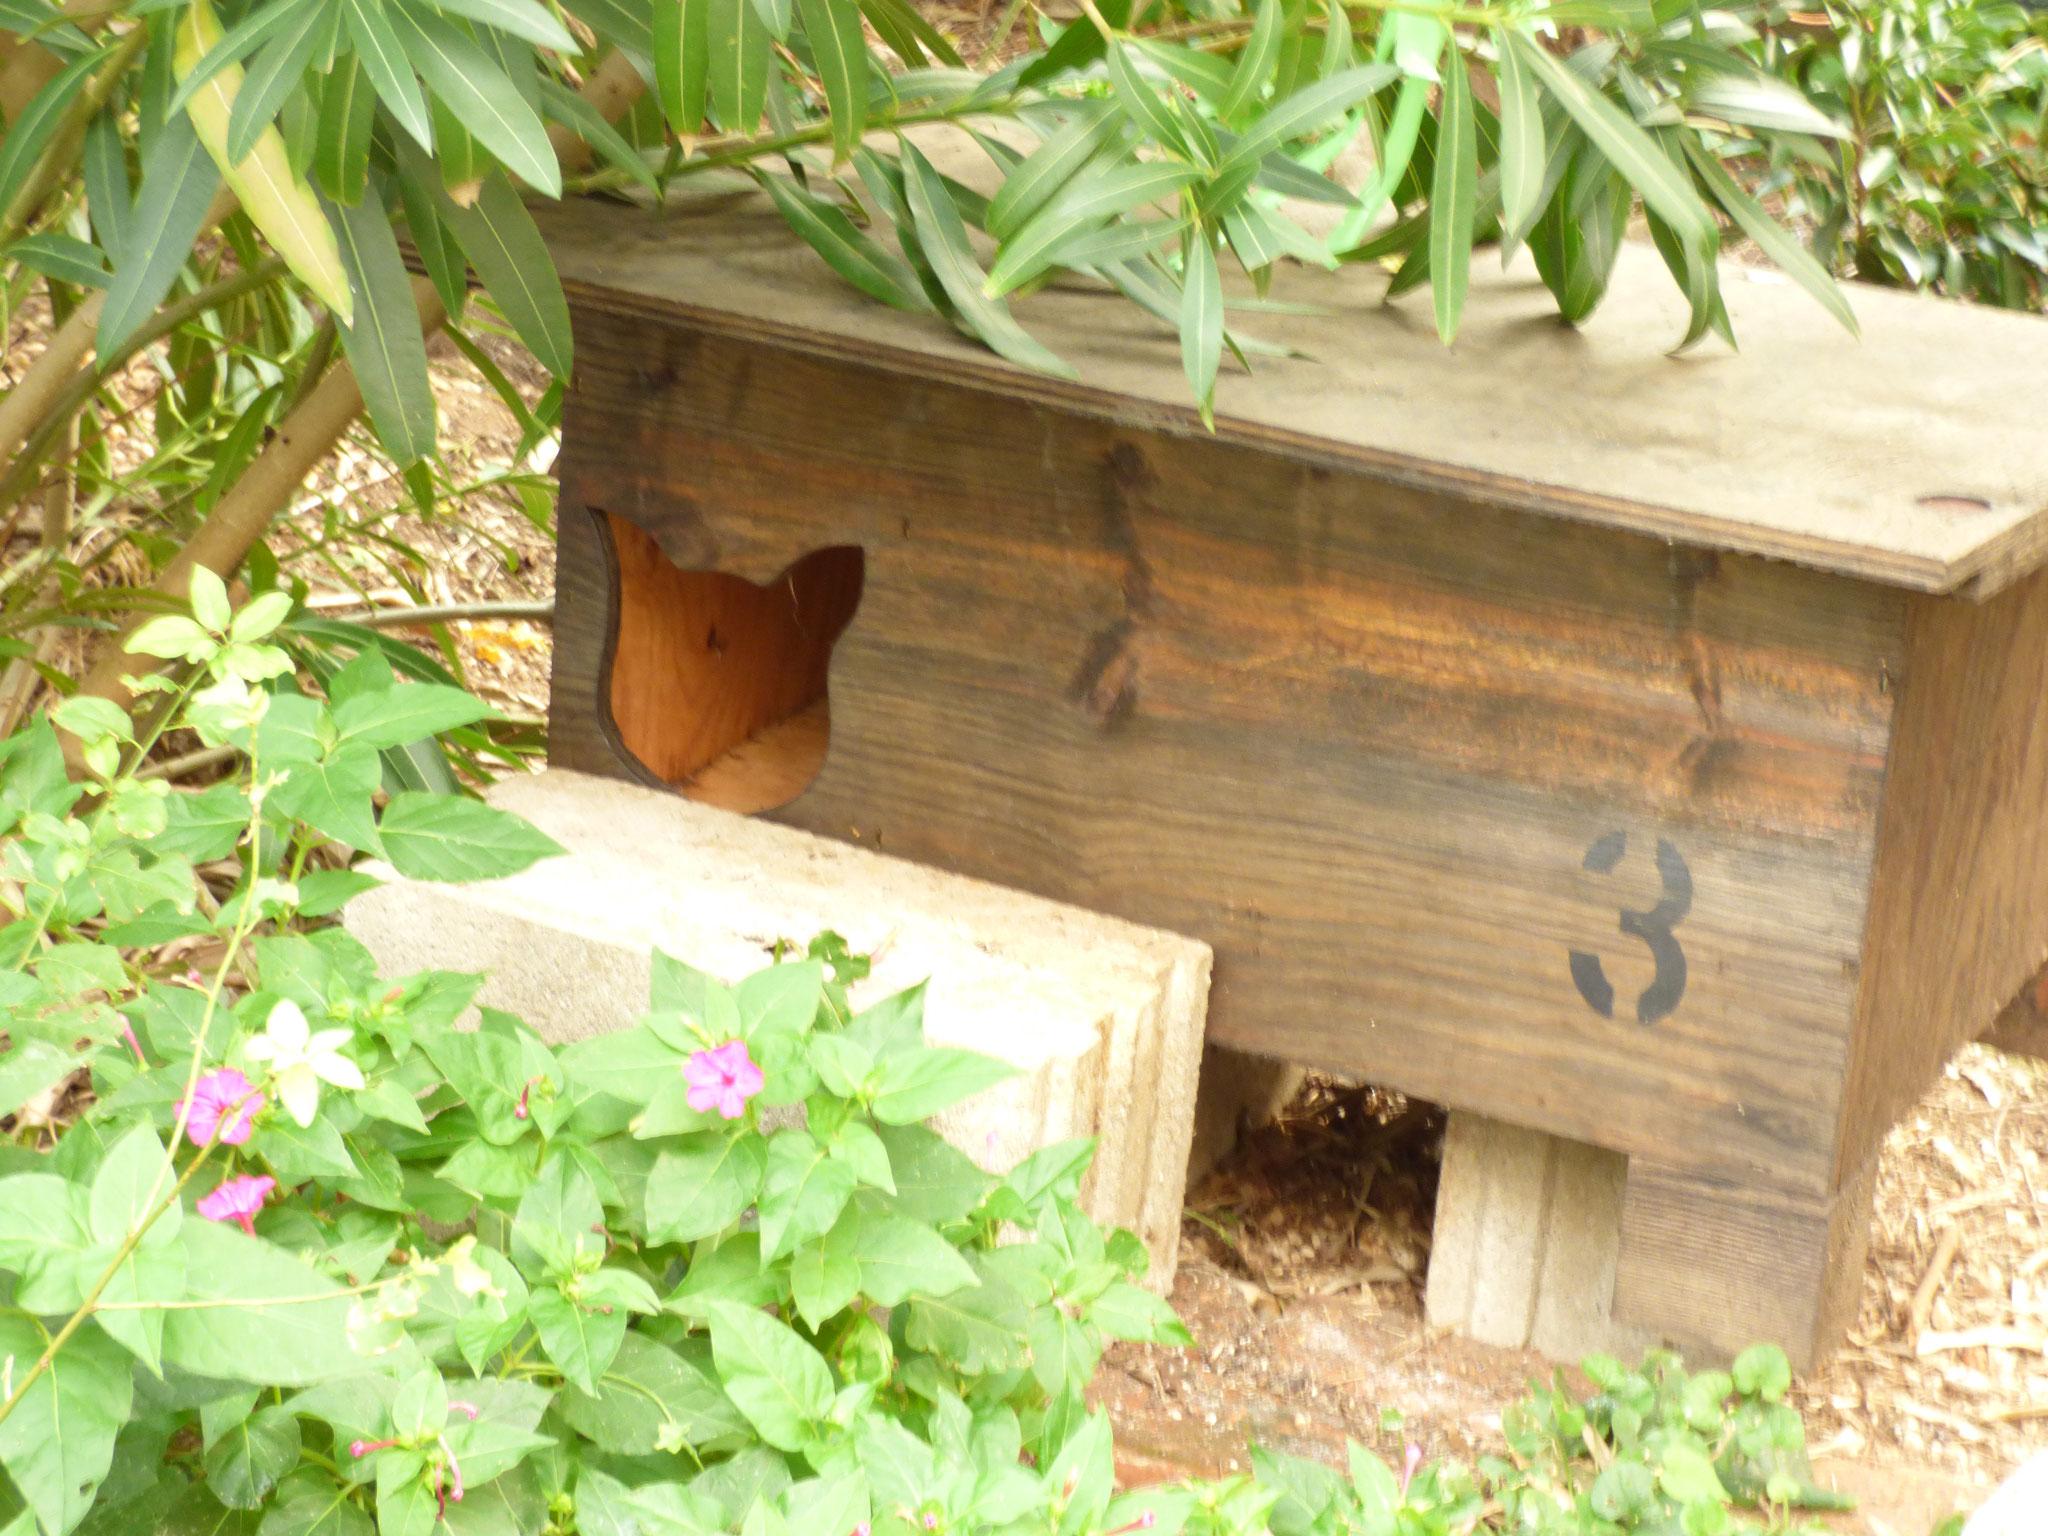 Auch für ein Katzendorf ist genügend Platz, es fehlt einzig an den finanziellen Mitteln